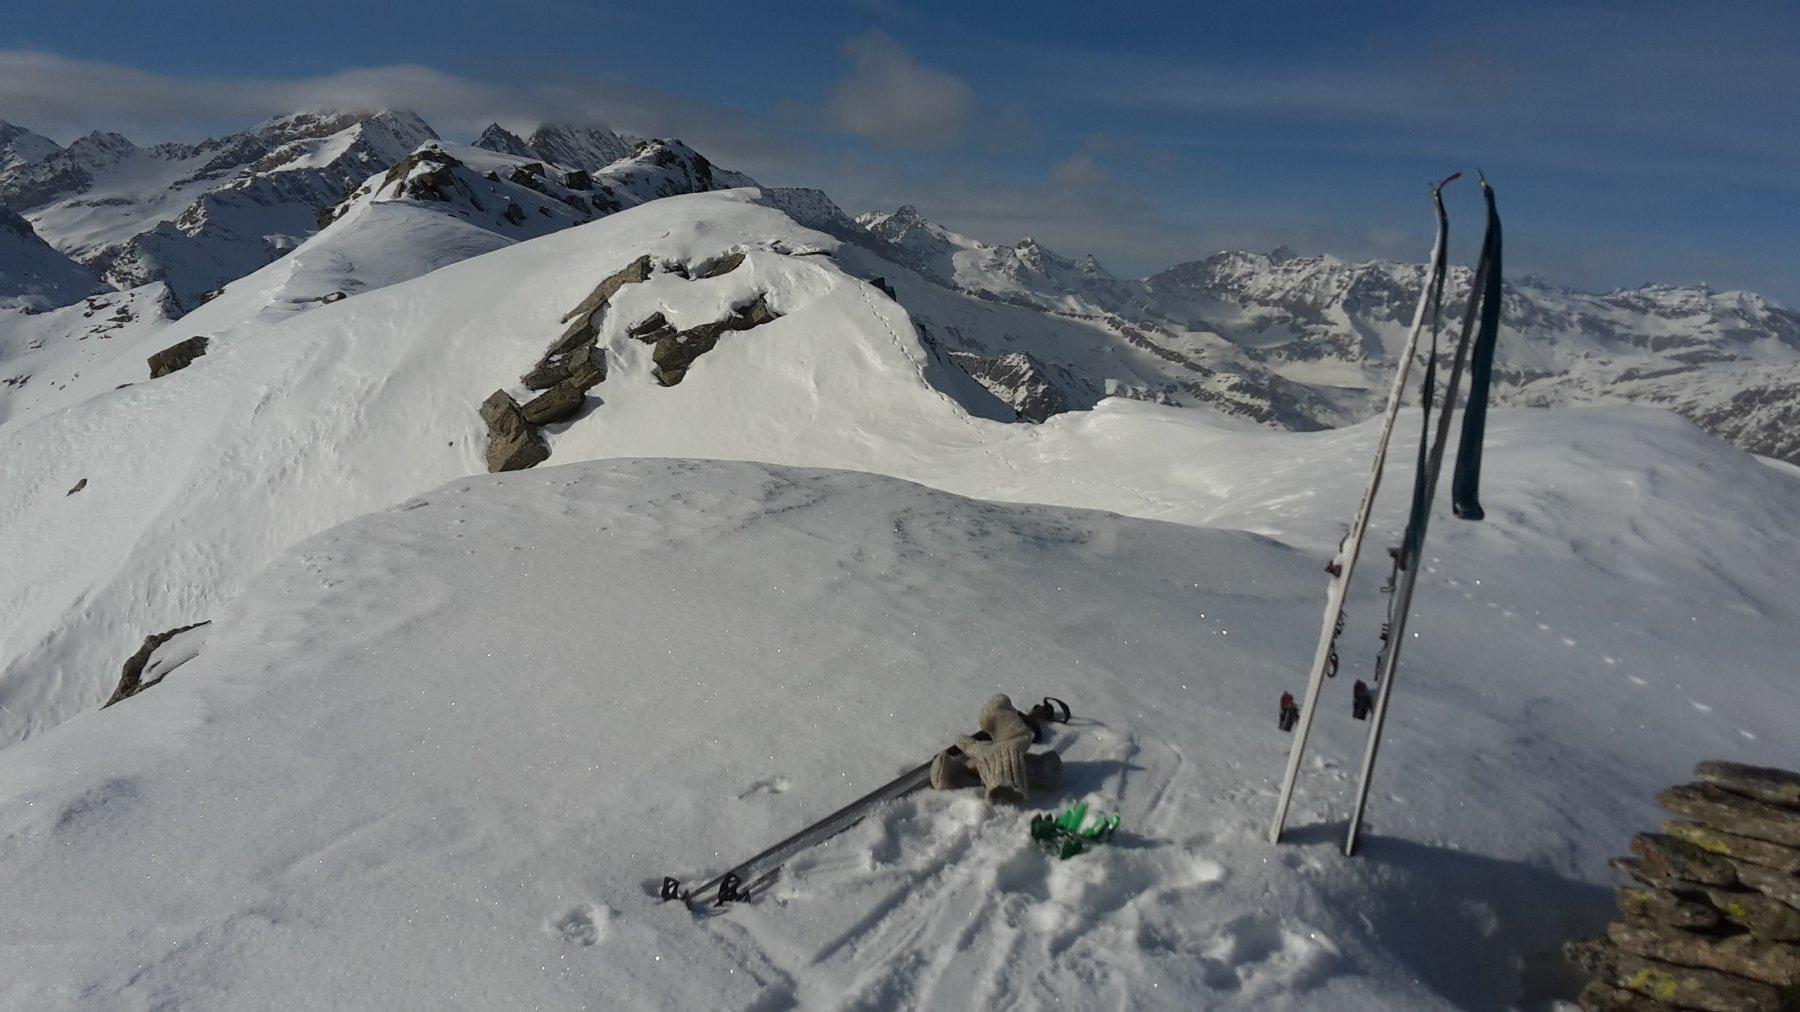 Deposito sci all'anticima e cresta verso la vetta